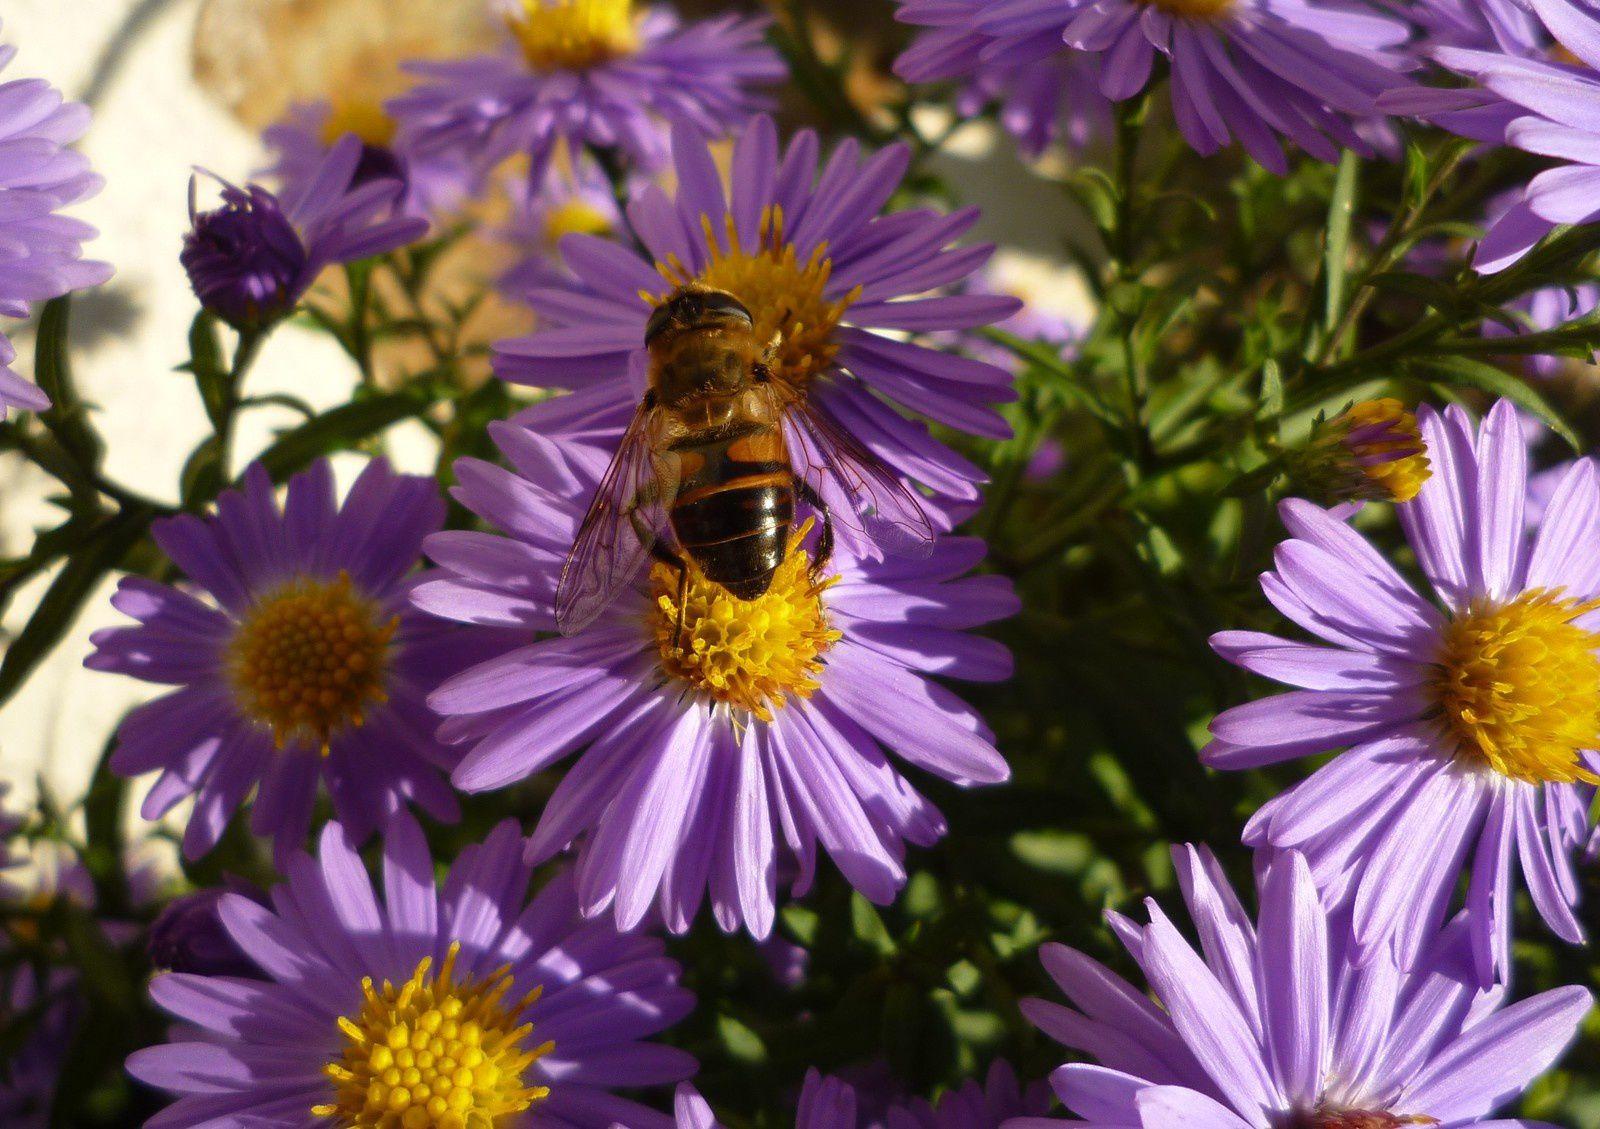 les abeilles butinent encore